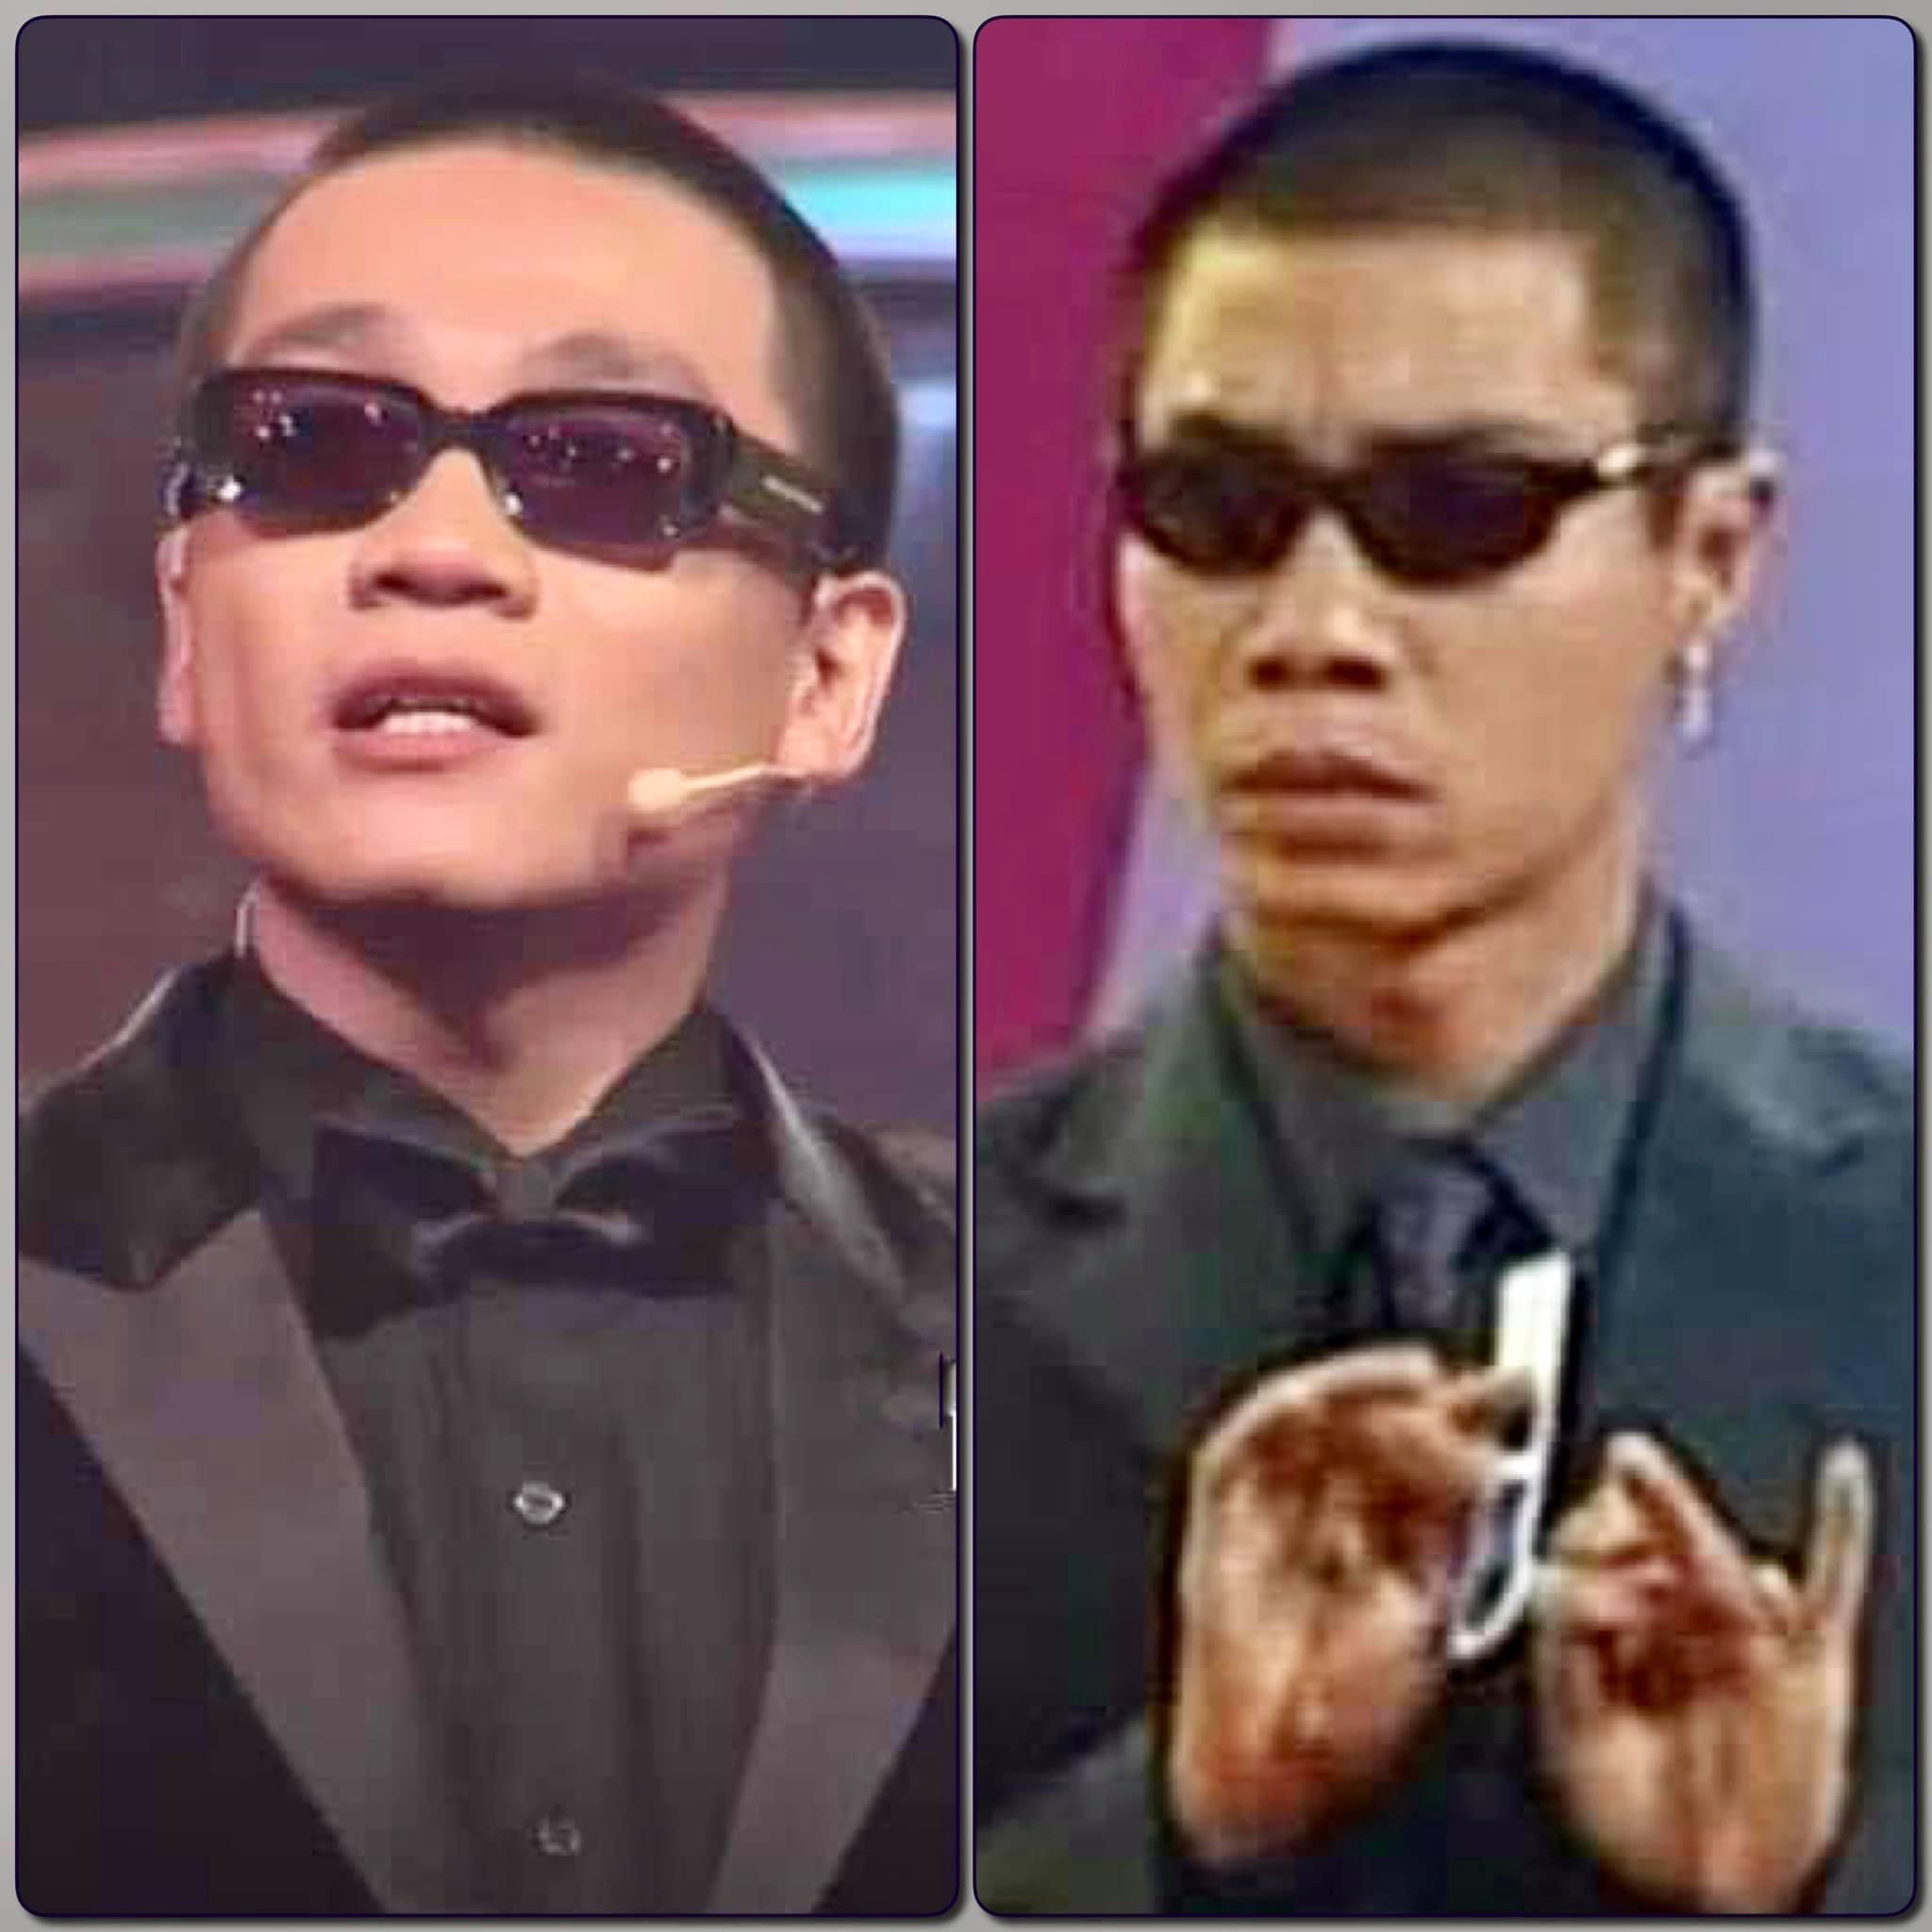 Trấn Thành chế ảnh dàn sao Rap Việt cực hài, trùm cuối không làm mọi người thất vọng